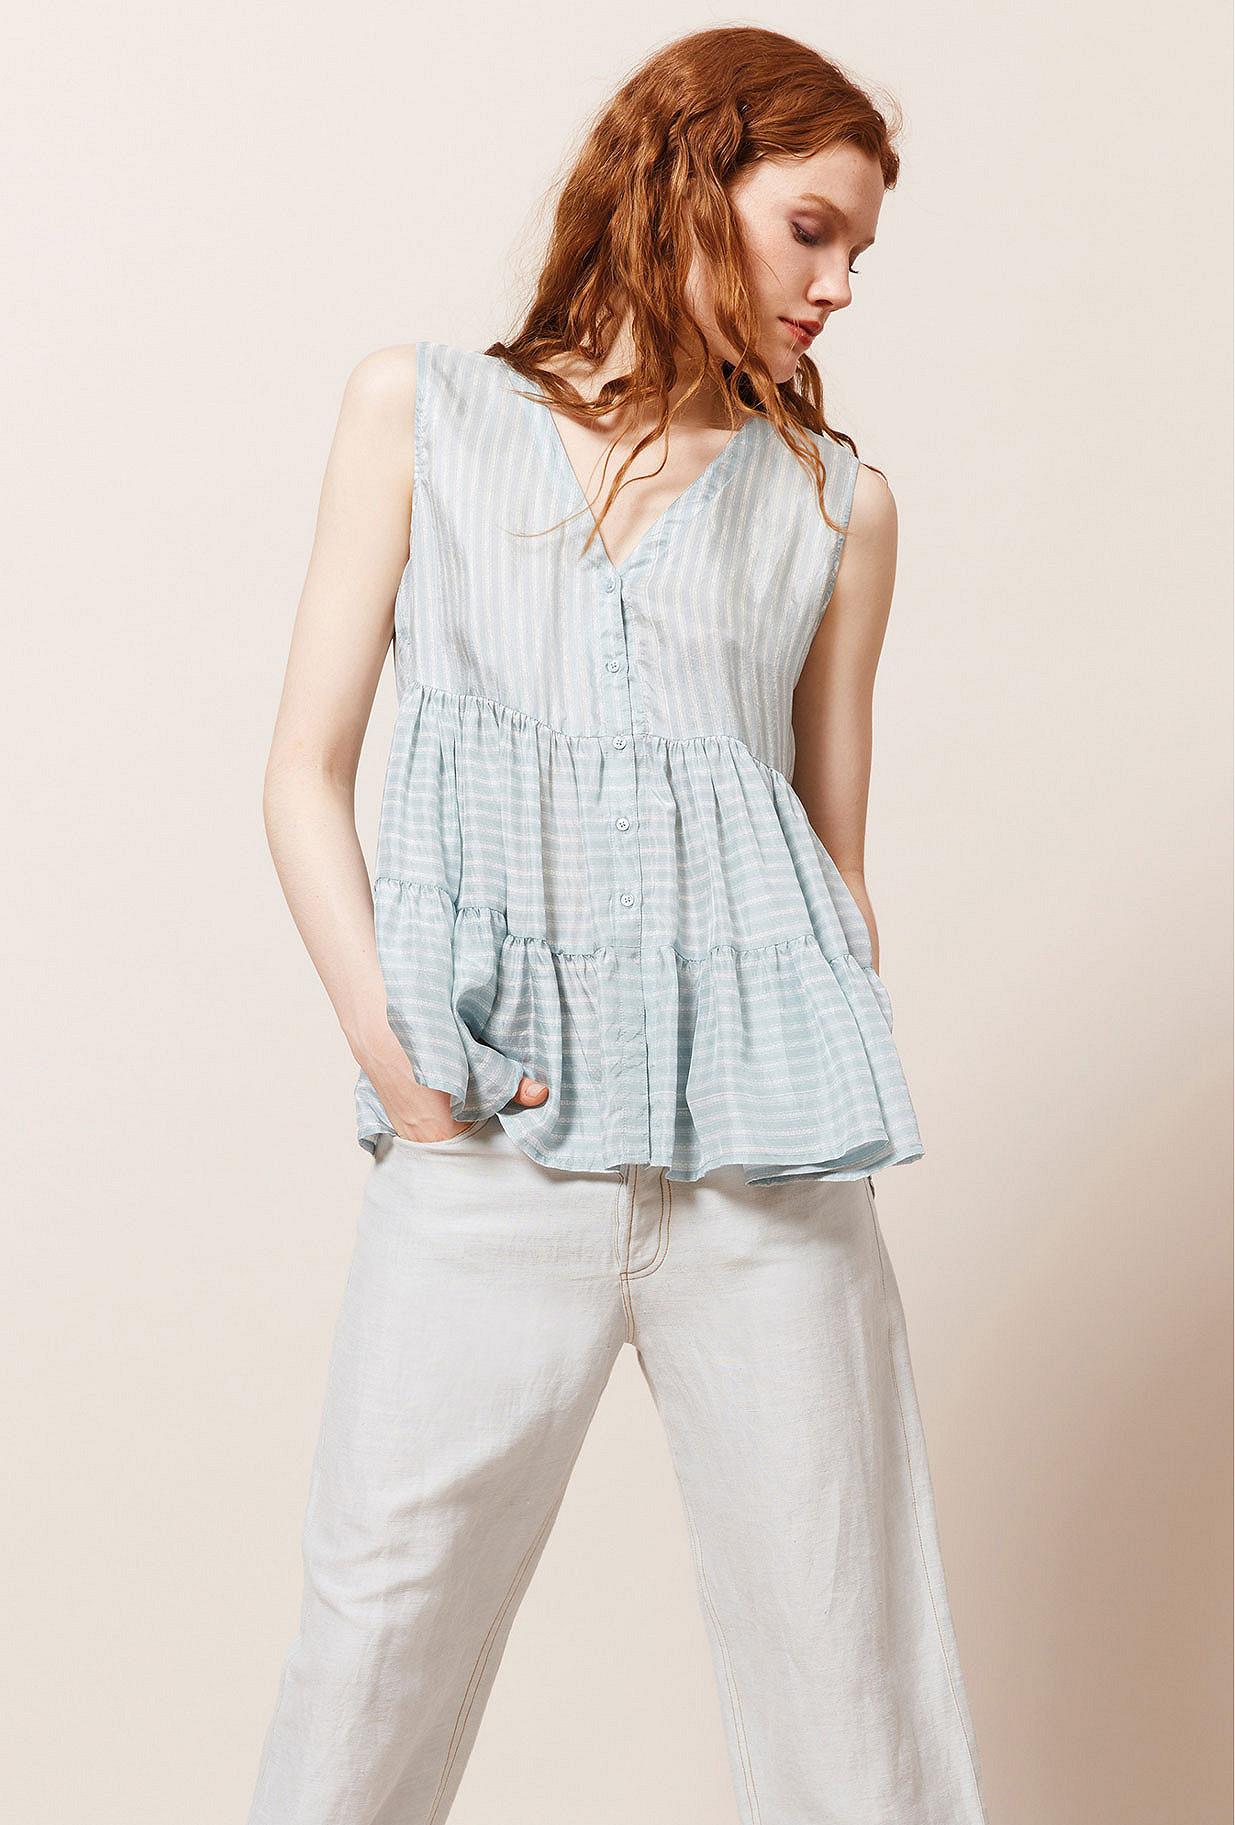 Blue stripe  Top  Jodha Mes demoiselles fashion clothes designer Paris